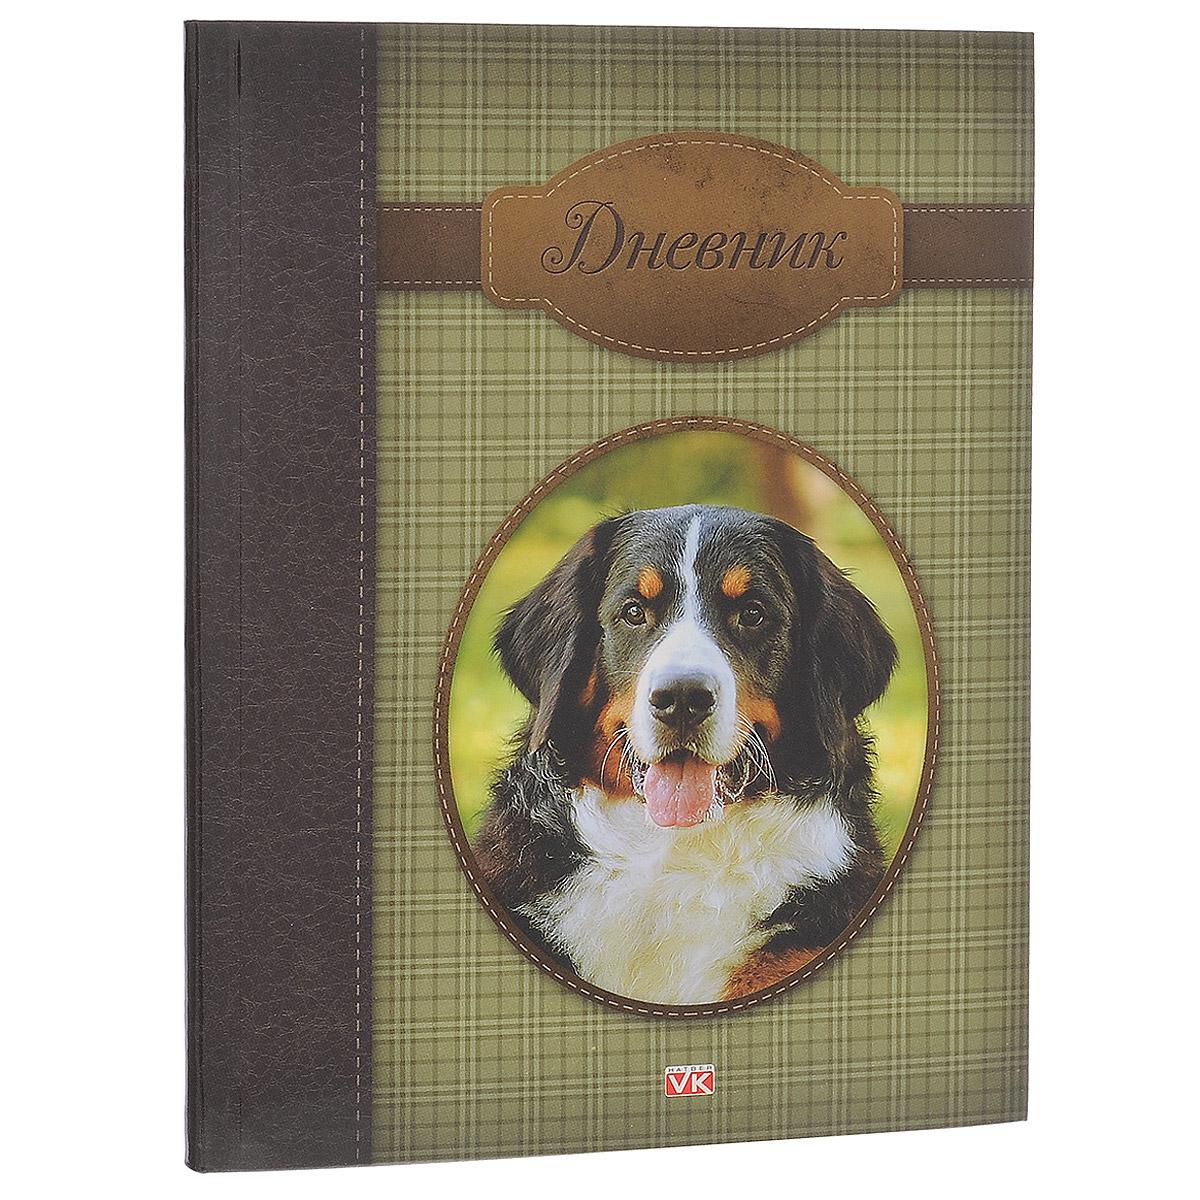 Дневник школьный Hatber VK. Собака, цвет: темно-зеленый, коричневый40ДL5B_12341Школьный дневник Hatber VK. Собака - первый ежедневник вашего ребенка. Он поможет ему не забыть свои задания, а вы всегда сможете проконтролировать его успеваемость. Дневник предназначен для учеников 1-11 классов. Внутренний блок дневника состоит из 40 листов белой бумаги с линовкой синего цвета. Обложка в интегральном переплете выполнена из глянцевого картона. Структура дневника состоит из разделов с информацией о личных данных ученика, школе и педагогах, друзьях и одноклассниках, расписание факультативов и уроков по четвертям. Дневник содержит номера телефонов экстренной помощи и даты государственных праздников. В конце дневника имеются сведения об успеваемости. Дневник школьный Hatber VK. Собака станет надежным помощником в освоении новых знаний и принесет радость своему хозяину в учебные будни. Рекомендуемый возраст: от 6 лет.